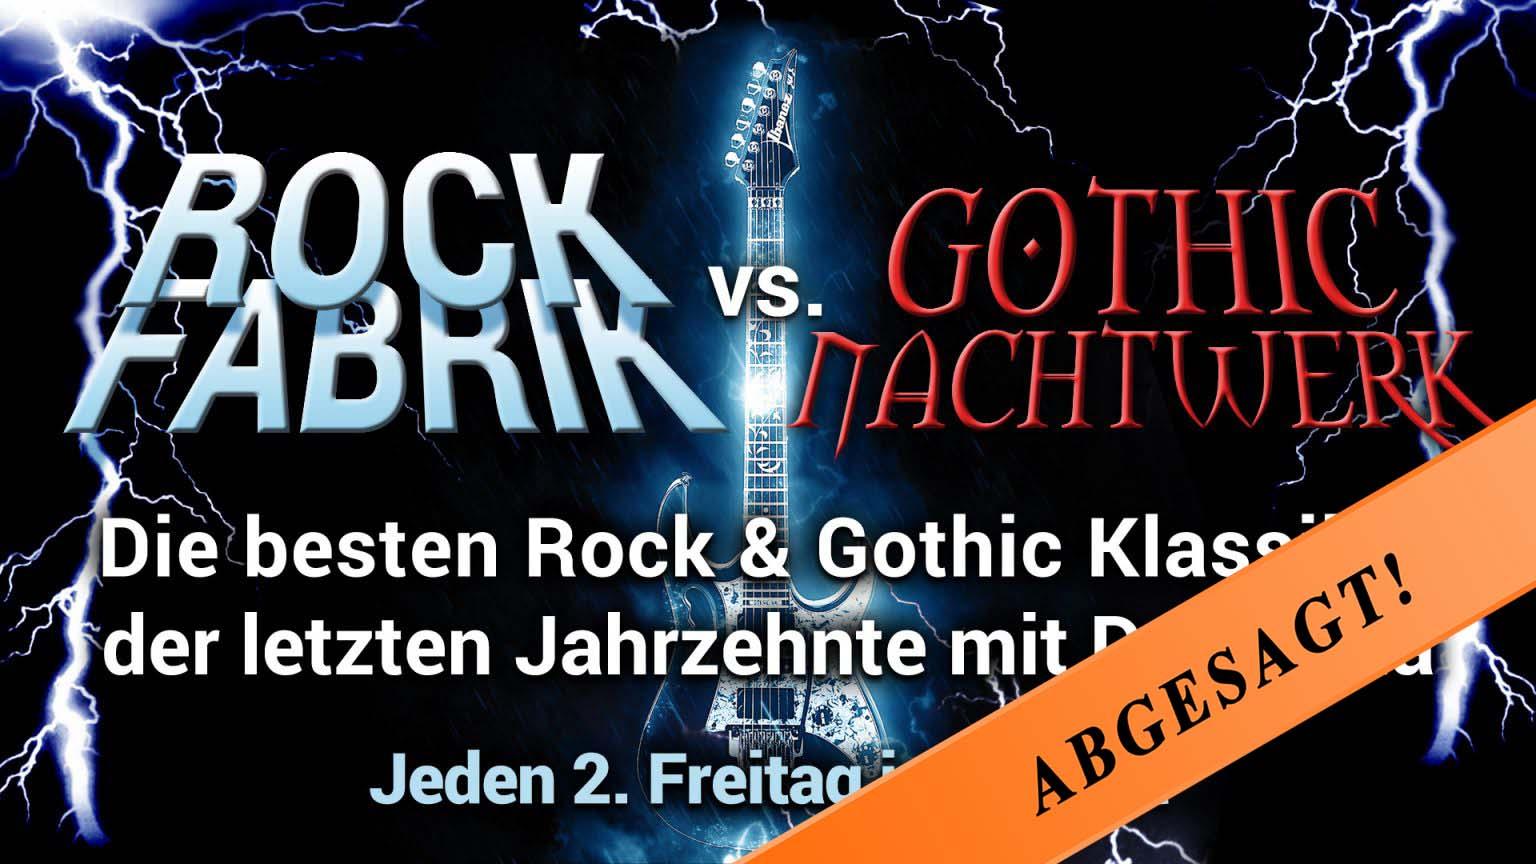 Rock Fabrik vs. Gothic Nachtwerk